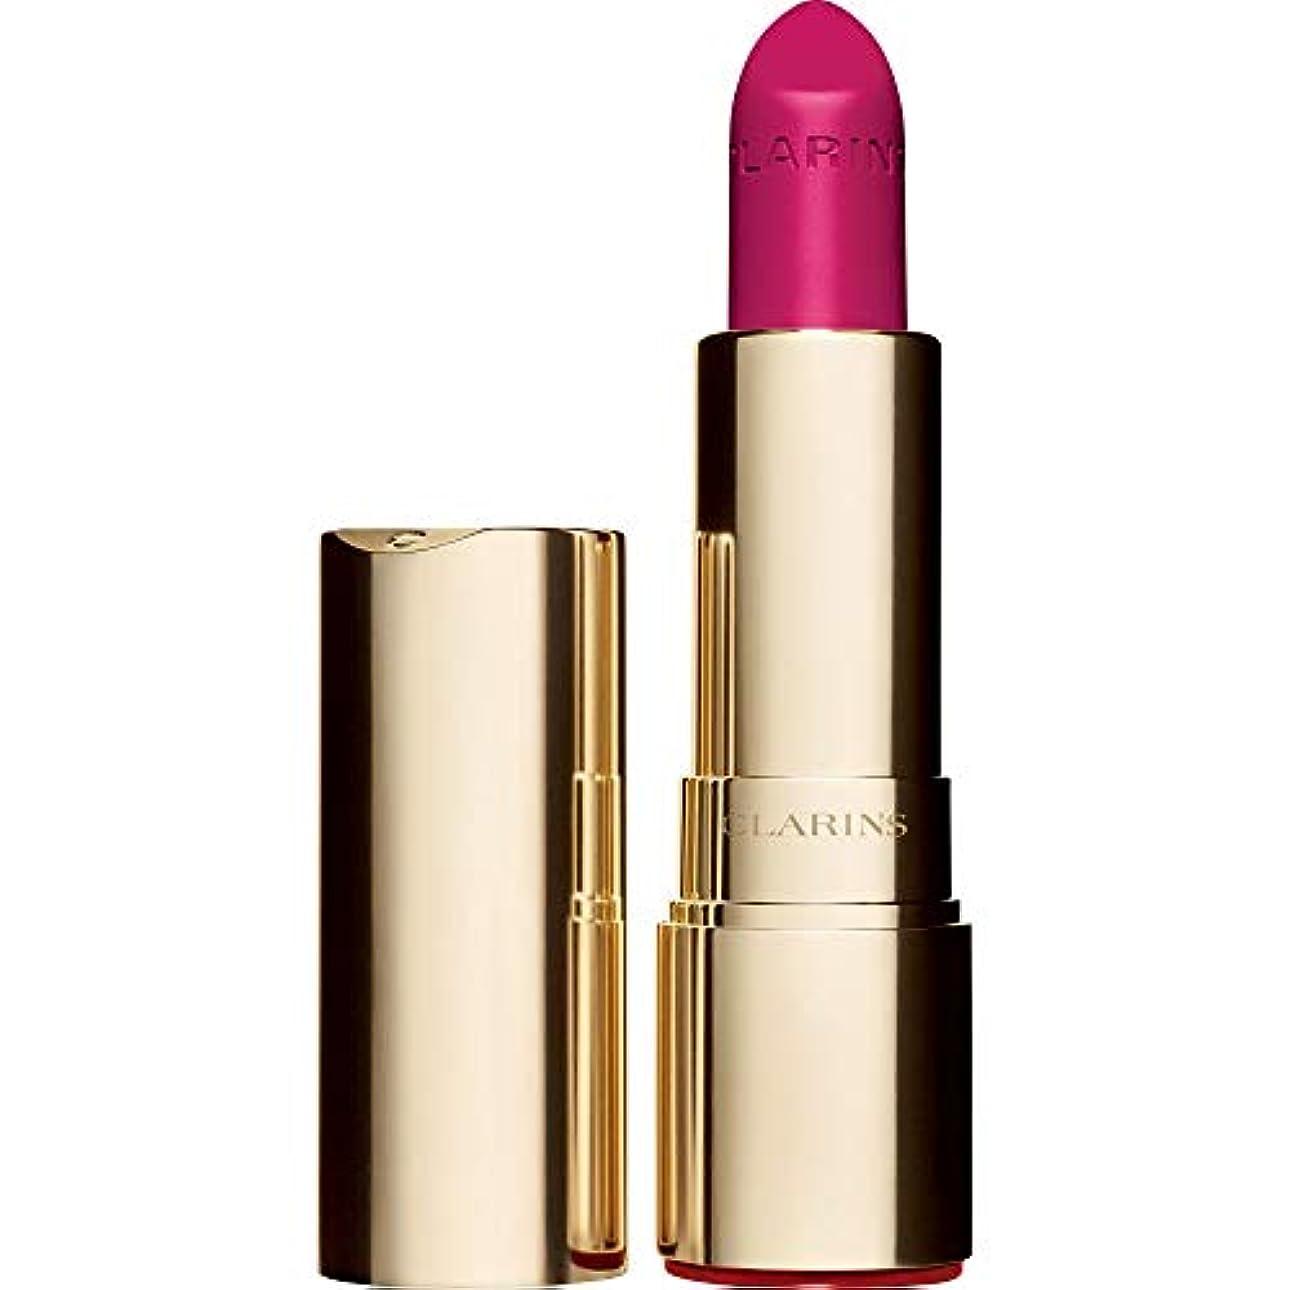 ブラウズ光の侵入[Clarins ] クラランスジョリルージュのベルベットの口紅3.5グラムの713V - ホットピンク - Clarins Joli Rouge Velvet Lipstick 3.5g 713V - Hot Pink [並行輸入品]